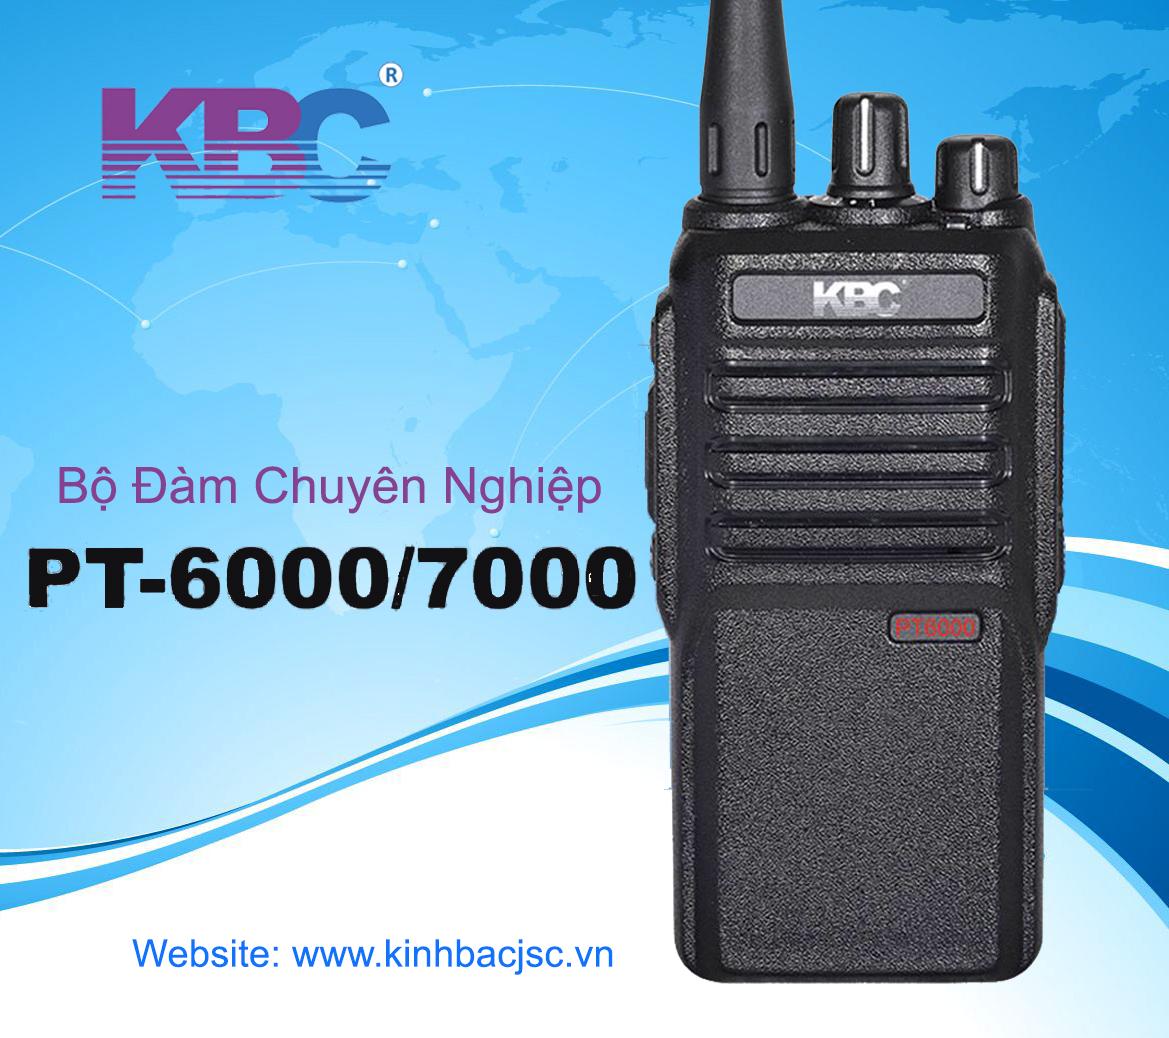 So sánh máy bộ đàm cầm tay KBC PT-7000 và Kenwood TK3000